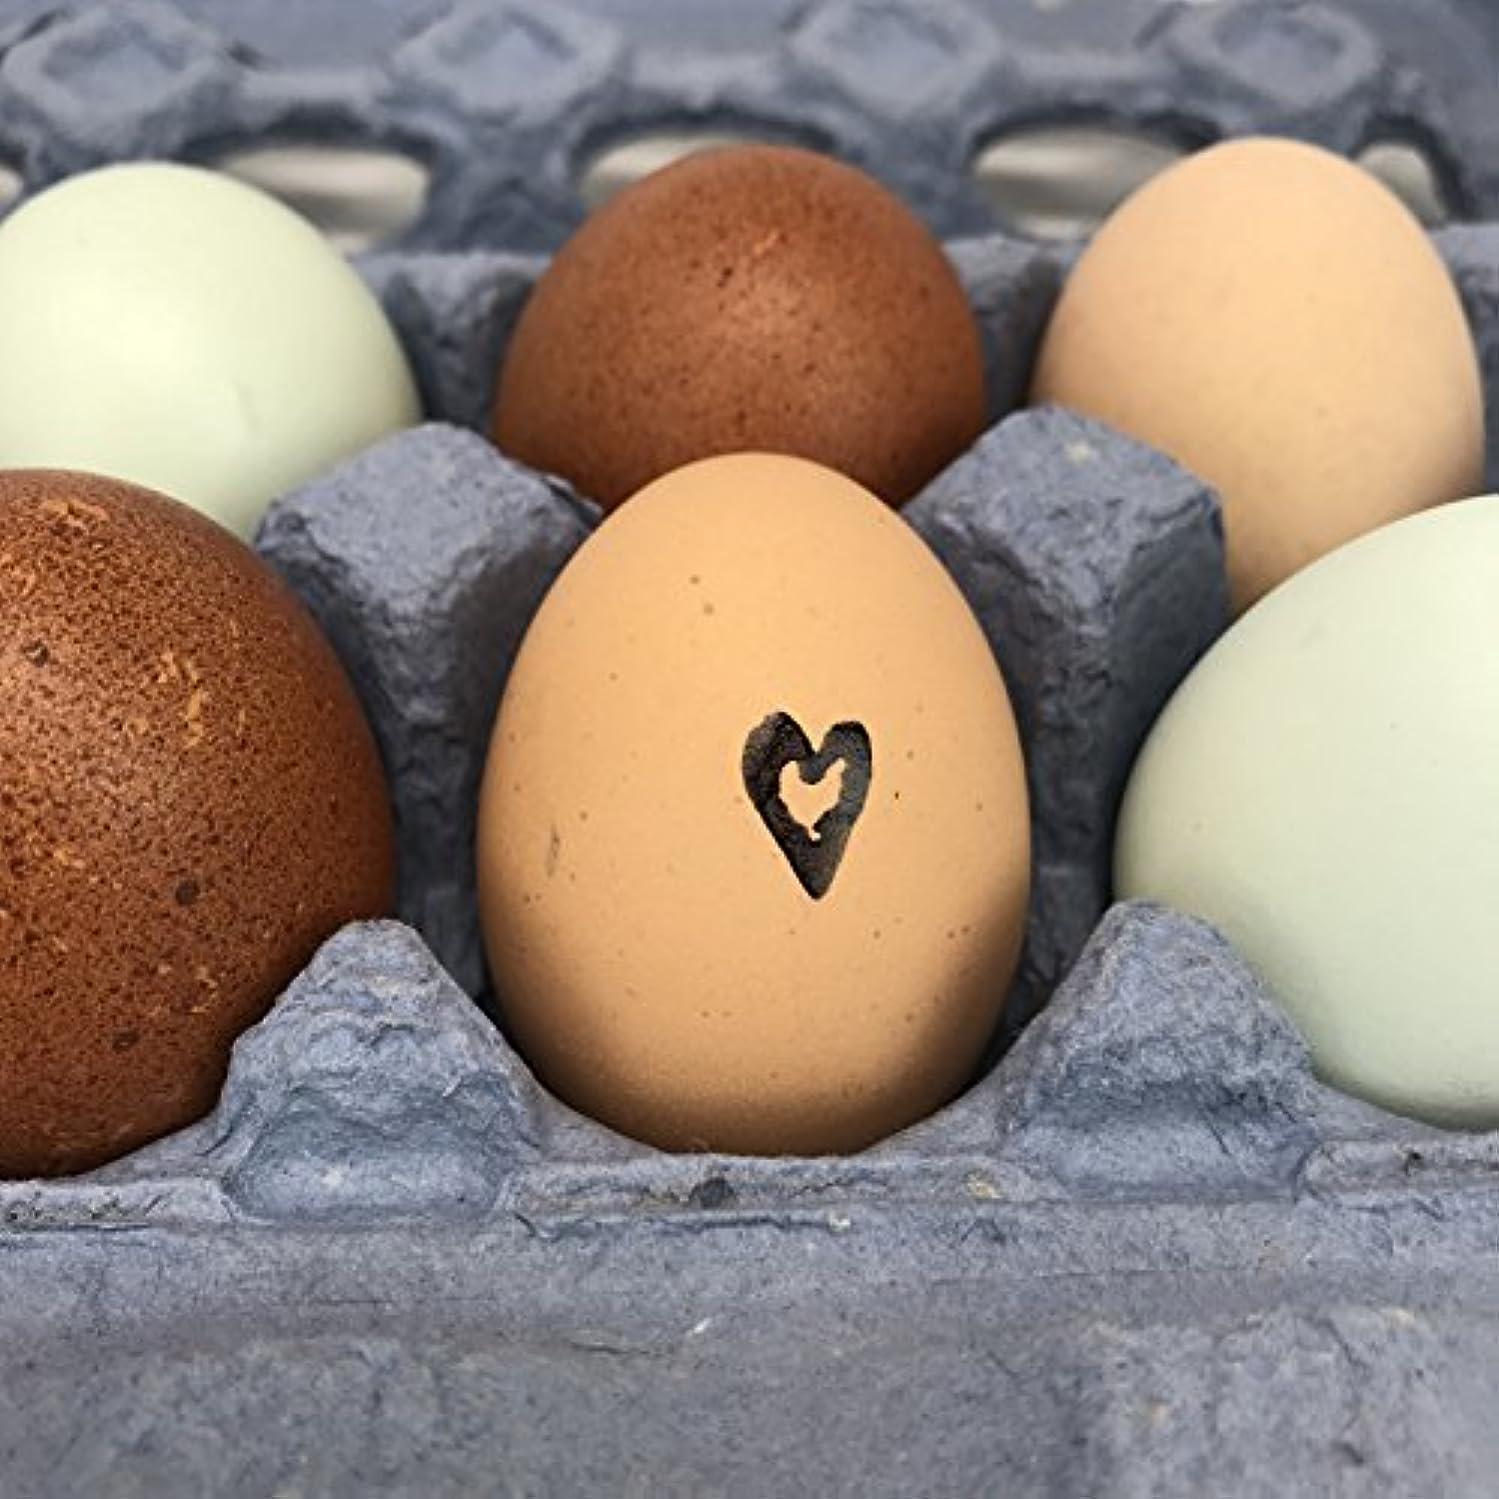 Chicken Heart Egg Stamp, Heart with Chicken Stamp, Mini Stamp, Egg Stamp, Wood Stamp, Rubber Stamp, Egg Carton Stamp, Fresh Eggs, .5